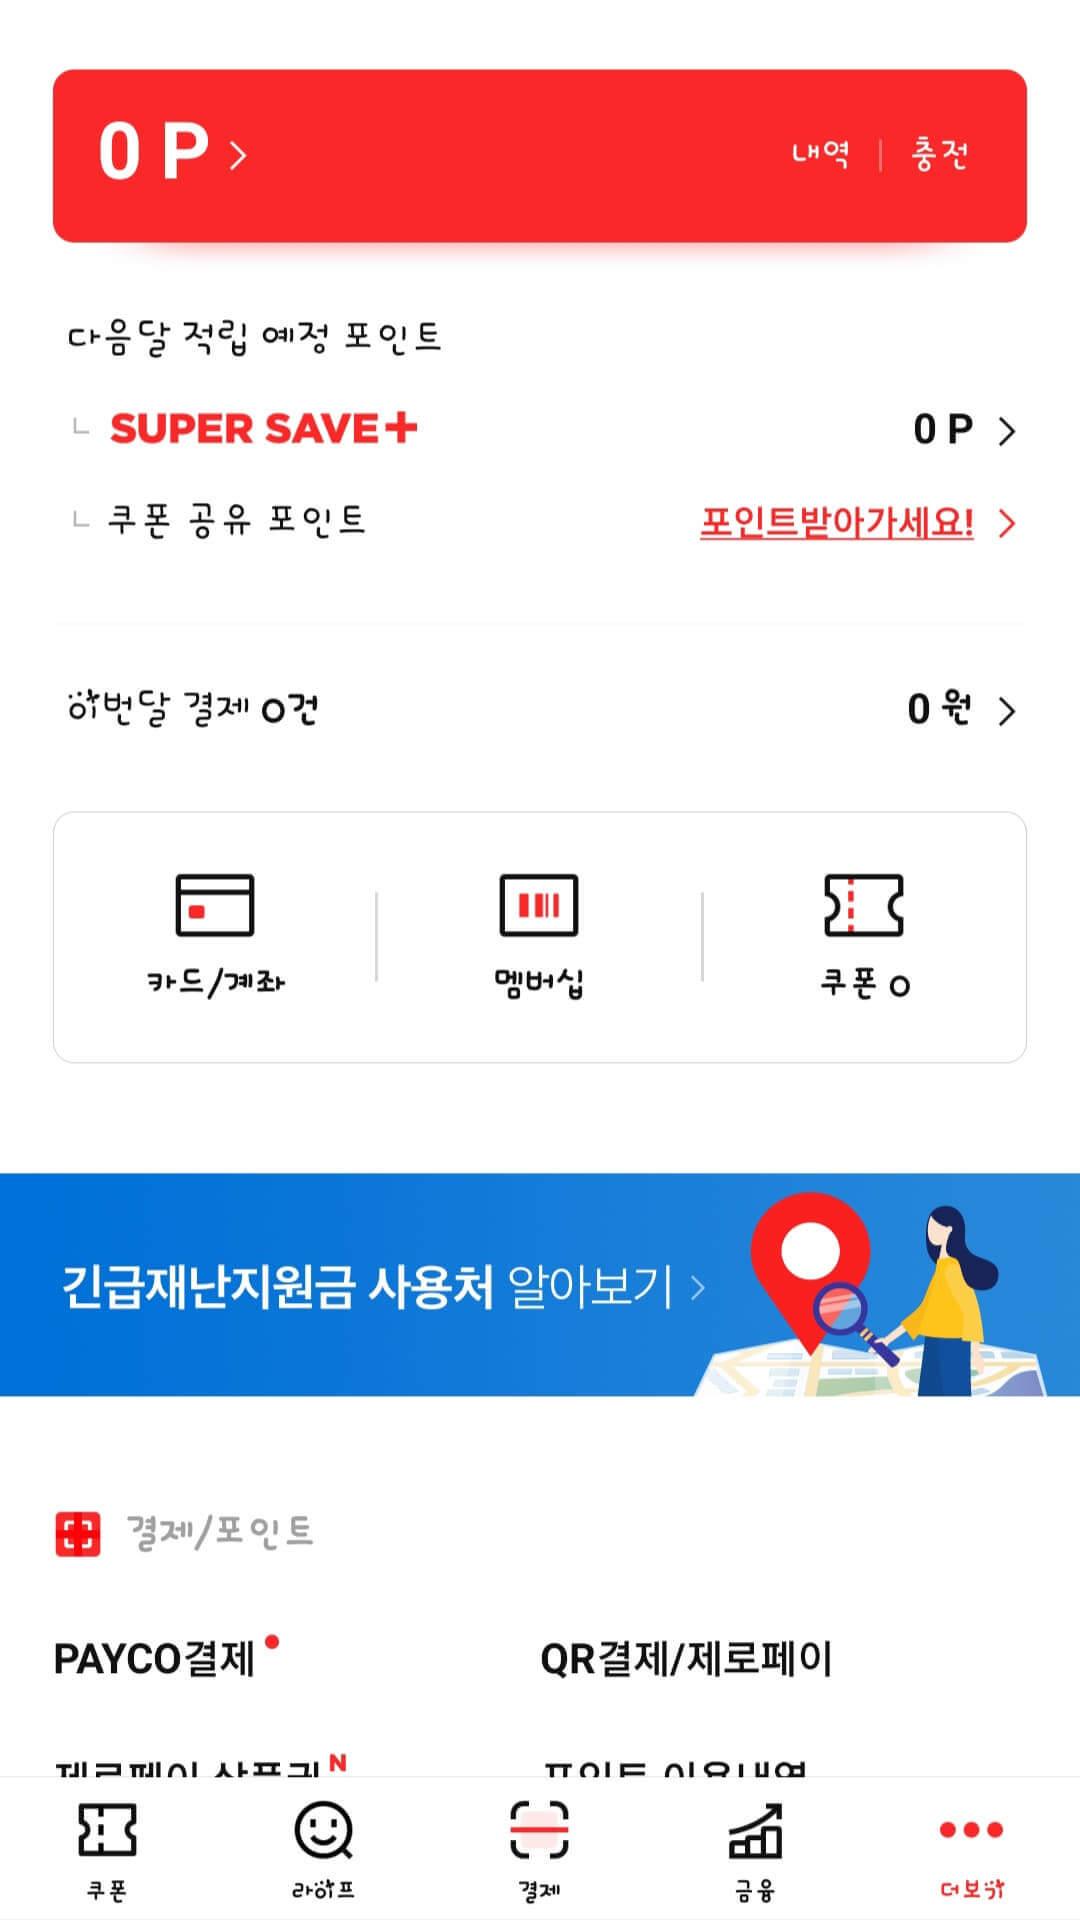 페이코 50만원 소액대출 신청